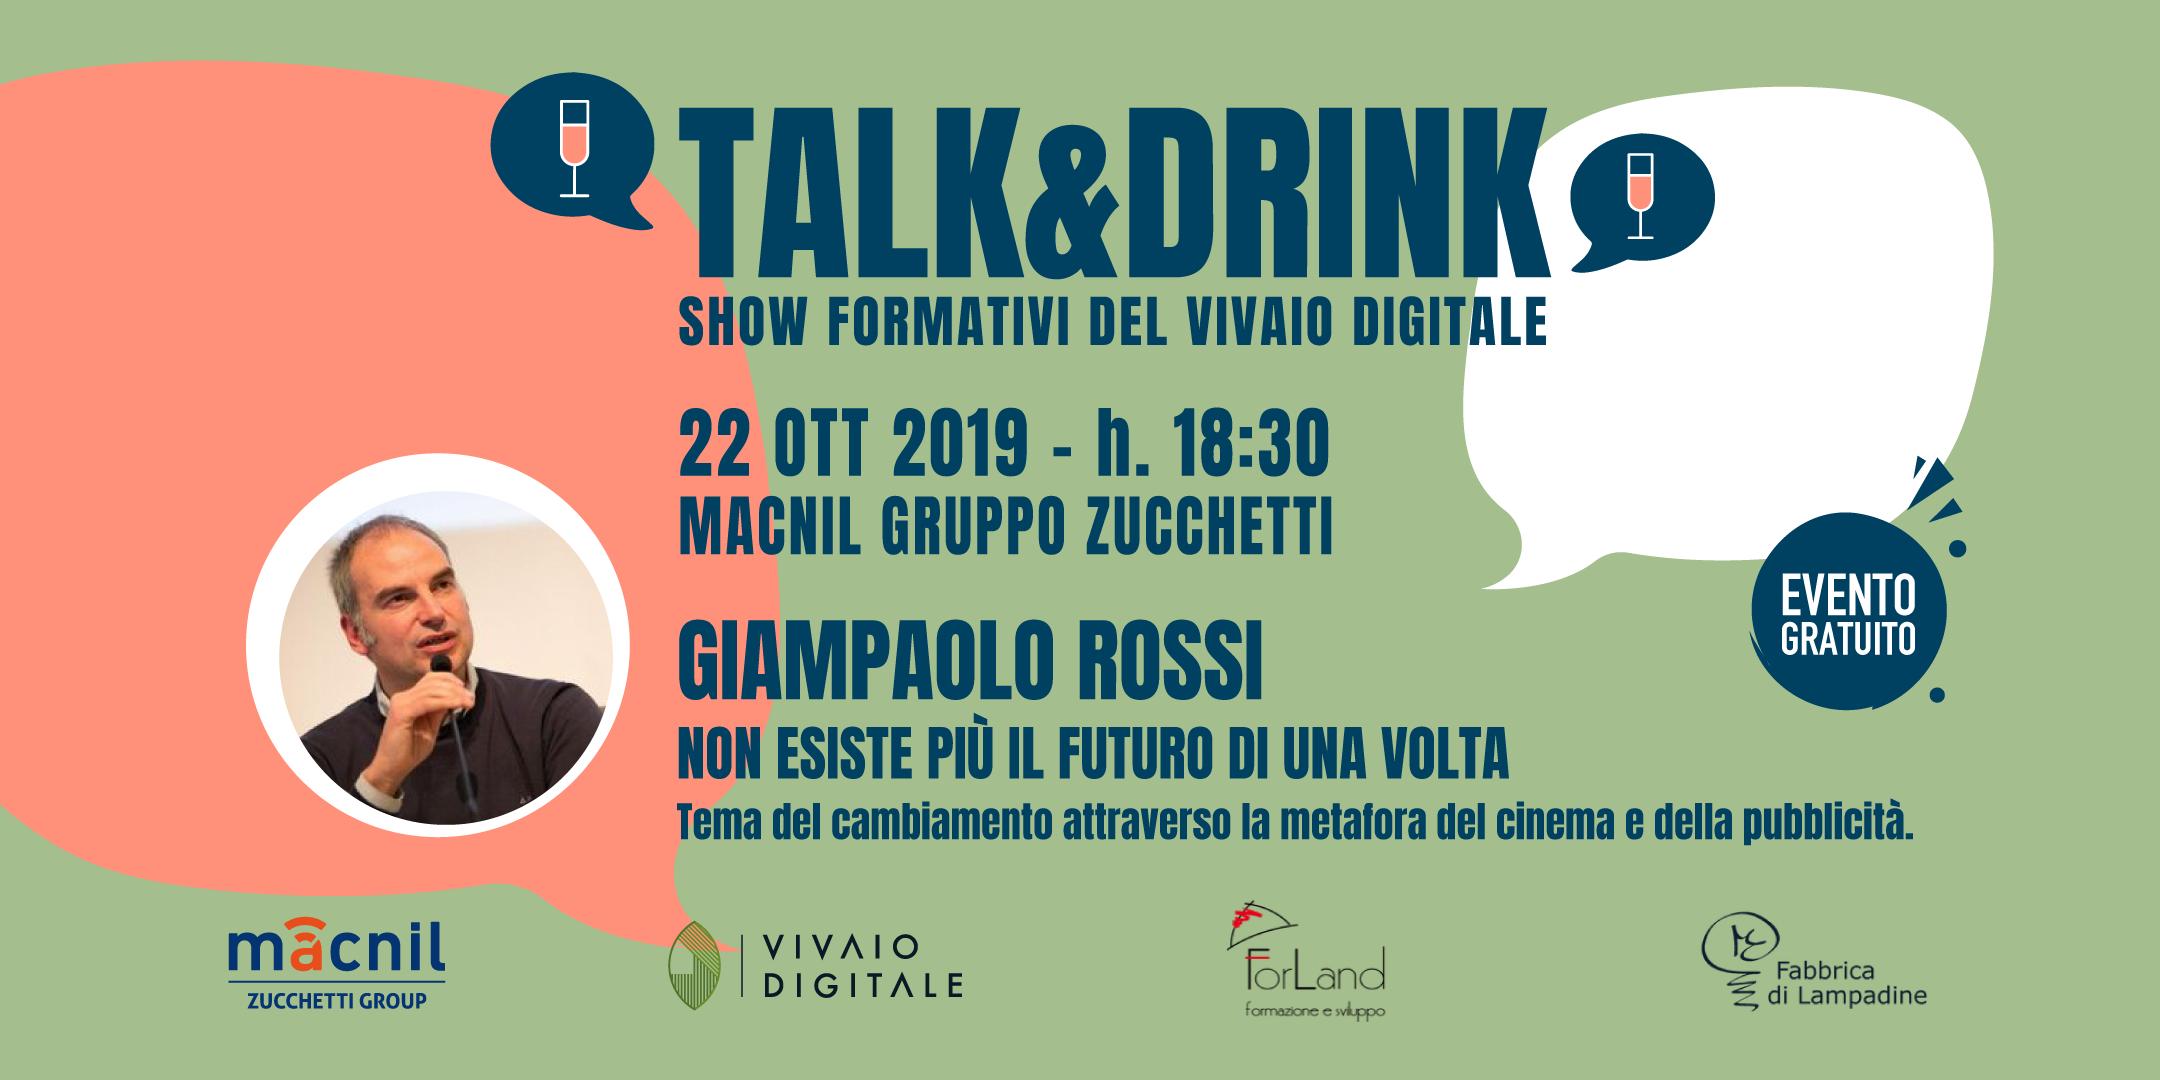 talkdrink_eventbrite-1